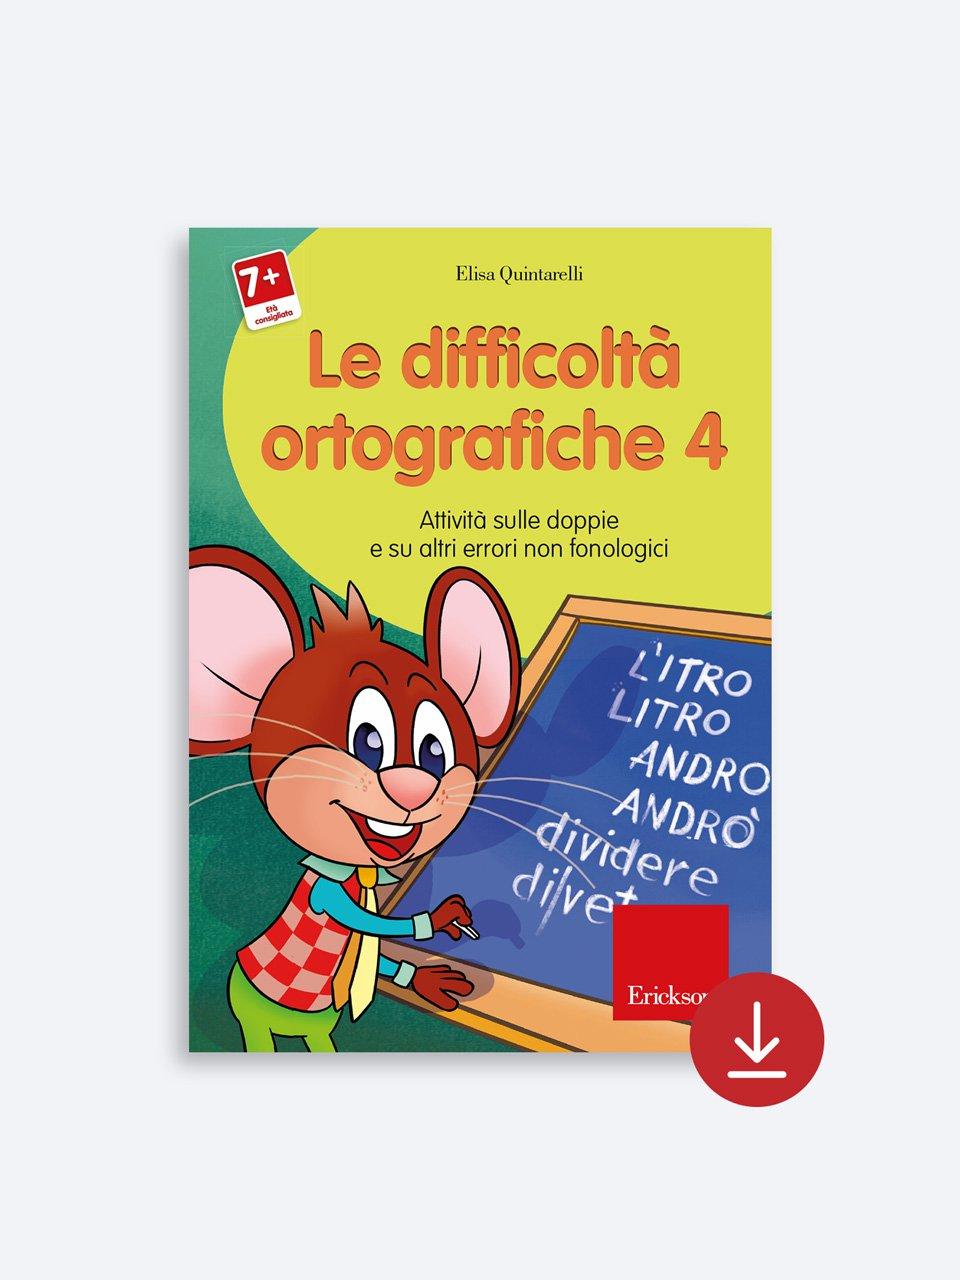 Le difficoltà ortografiche - Volume 4 - Schede per Tablotto (6-8 anni) - Grammatica incant - Giochi - Erickson 2